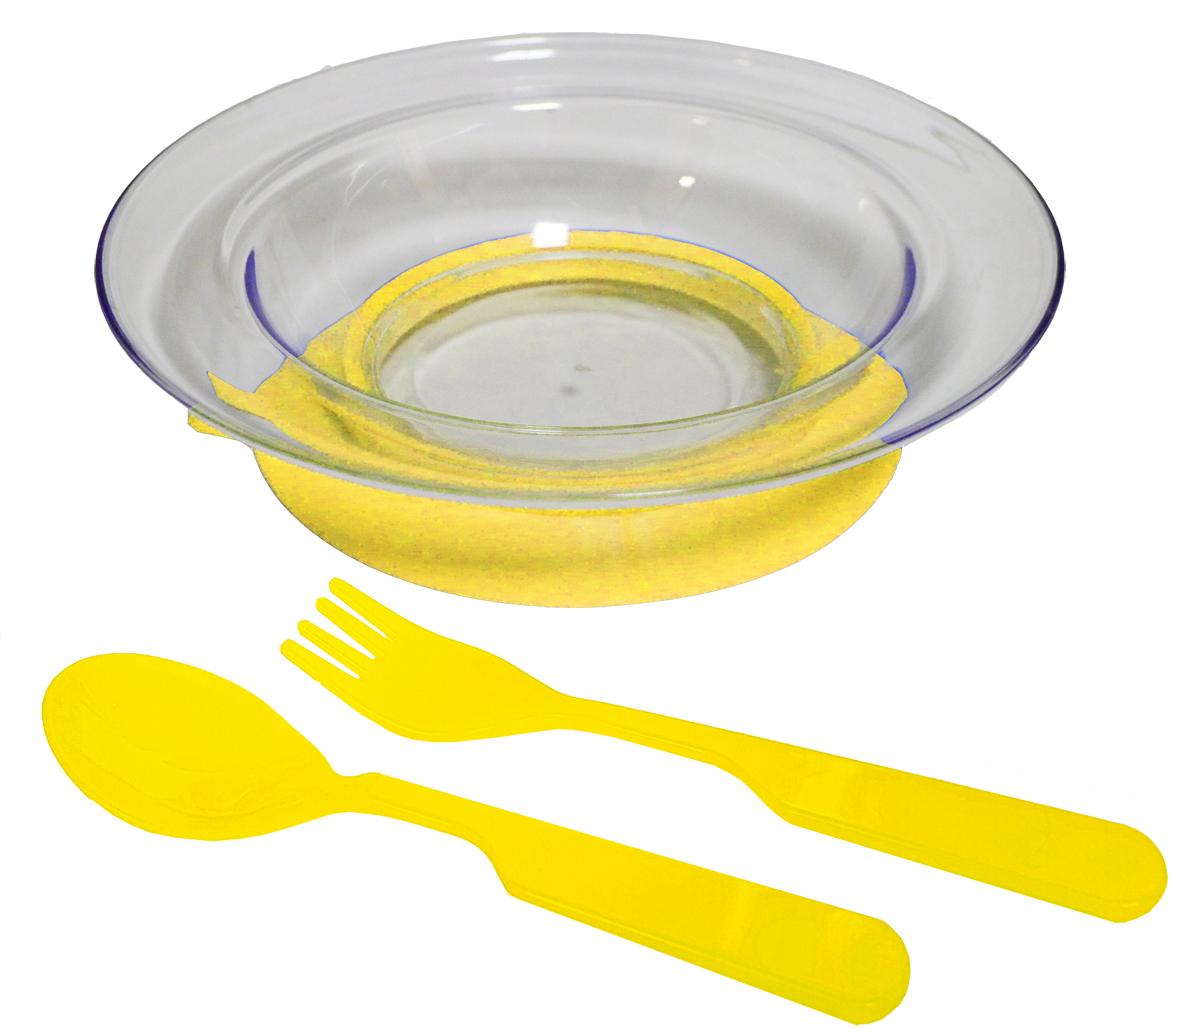 Набор детской посуды цвет желтый 3 предмета 12141214желтНабор посуды из 3-х предметов, идеальный для начала самостоятельного питания малыша. Произведено в России из безопасного пищевого пластика. Форма изготовлена по лучшим европейским технологиям. Эргономичные и безопасные ложка-вилка. Глубокая тарелка на съемной присоске предотвращает скольжение по столу и переворачивание. Яркие цвета и удобная форма обеспечивают удовольствие от кормления. Можно мыть в посудомоечной машине и ставить в СВЧ (снять присоску с тарелки!).Тарелка х 1шт; Вилка для малыша дошкольного возраста х 1 шт; Ложка для малыша дошкольного возраста х 1 шт.